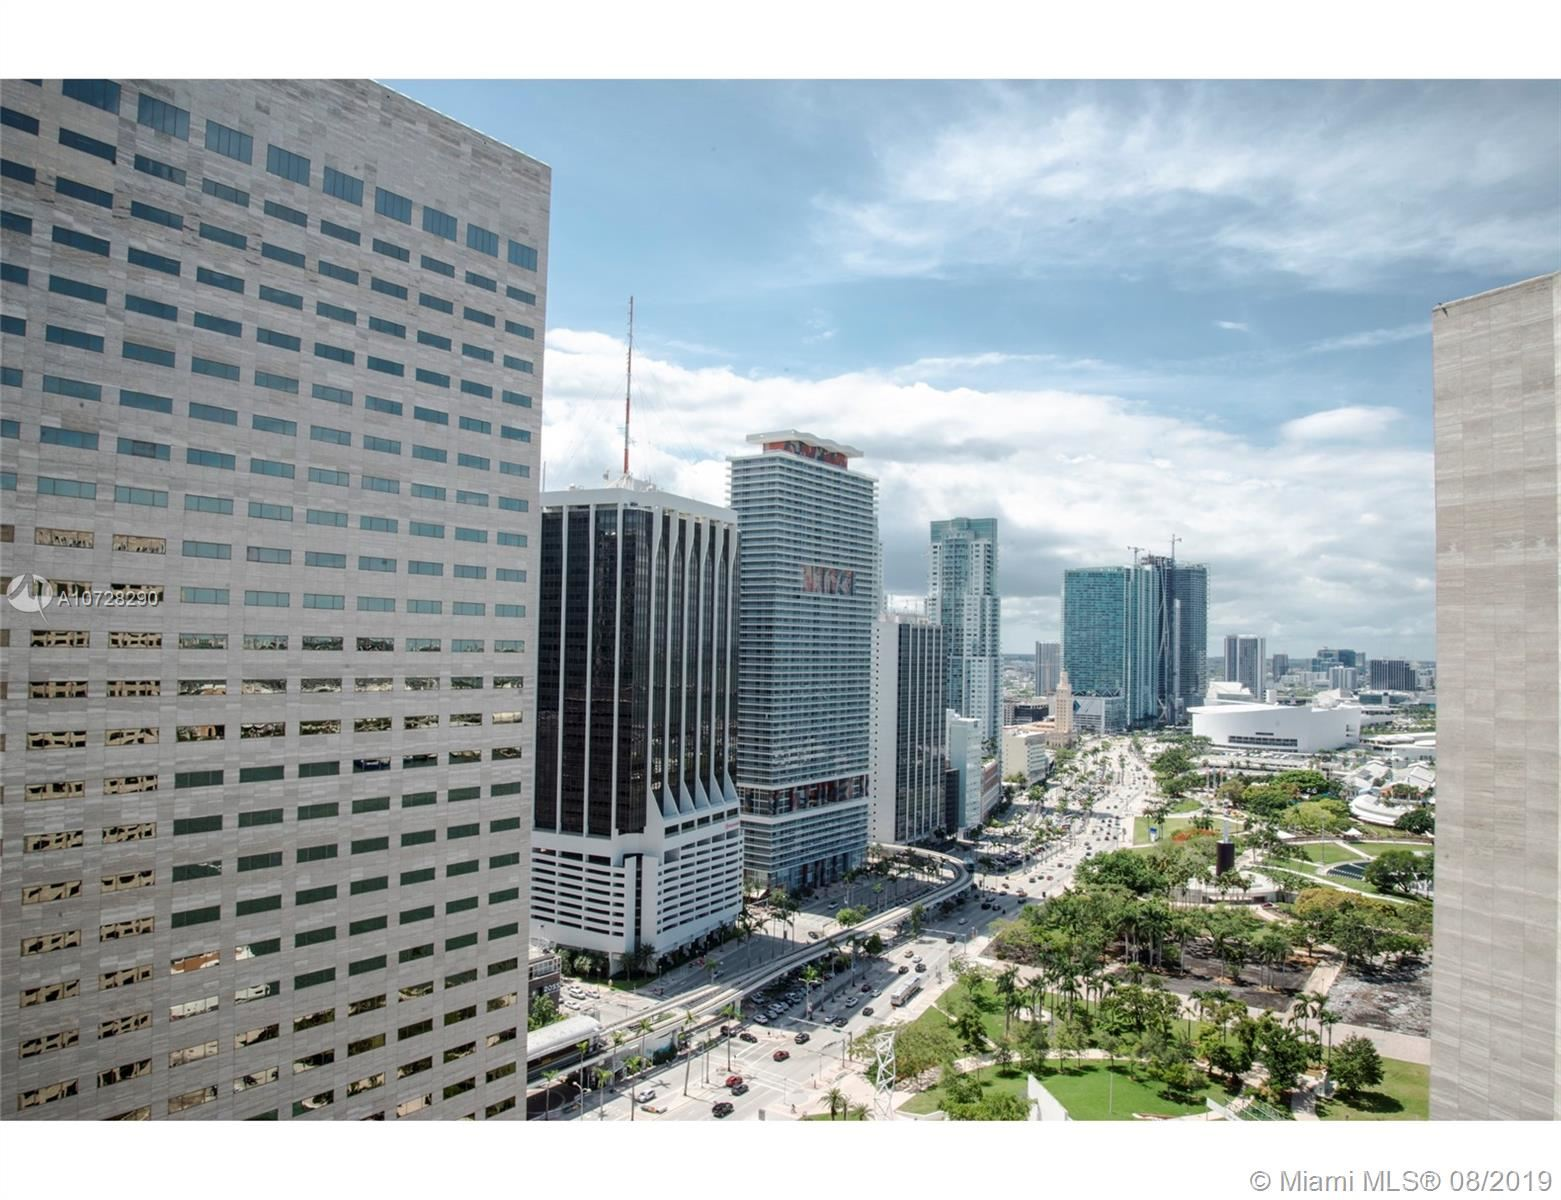 335 S Biscayne Blvd #3300, Miami, FL 33131 - #: A10728290